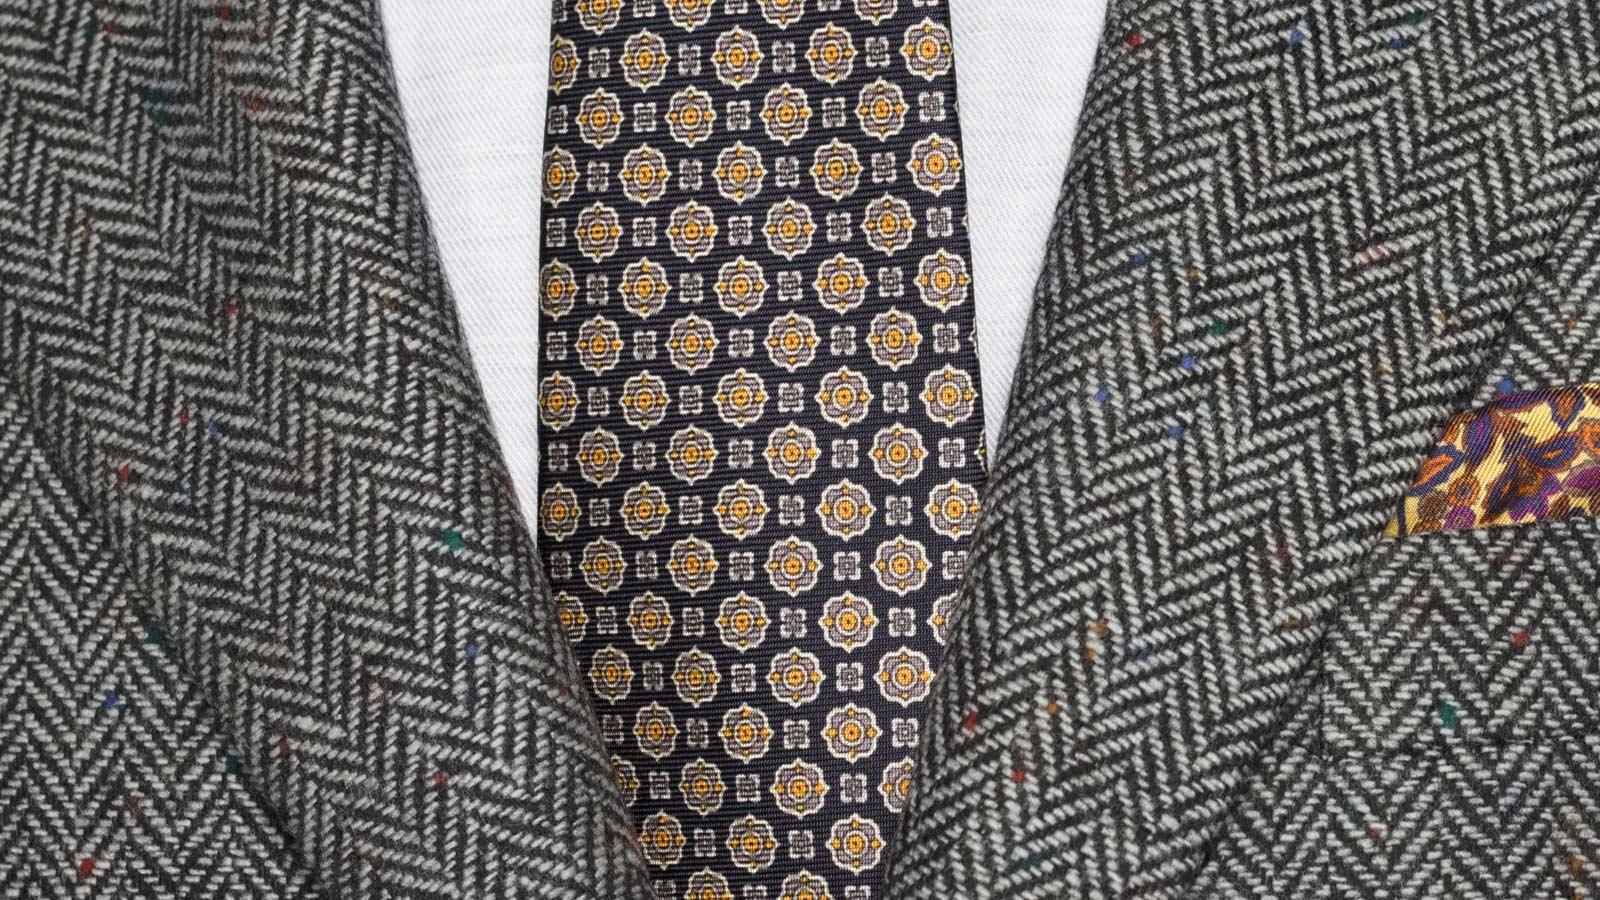 Grey Donegal Herringbone Tweed Blazer - slider image 1